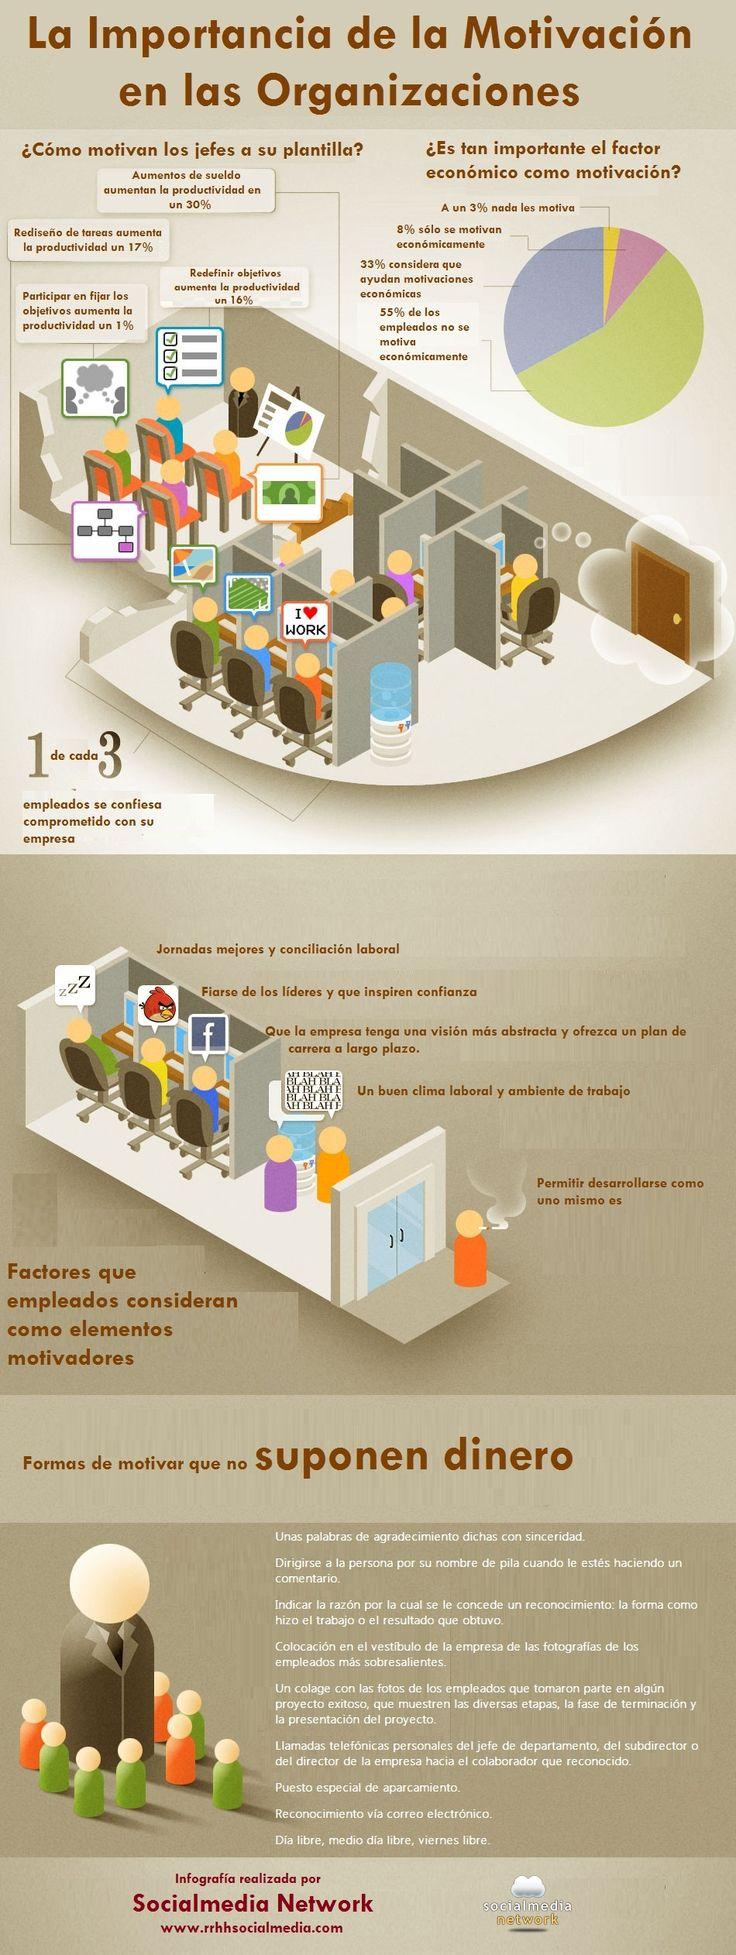 #Infografia sobre la importancia de la #motivación en las organizaciones